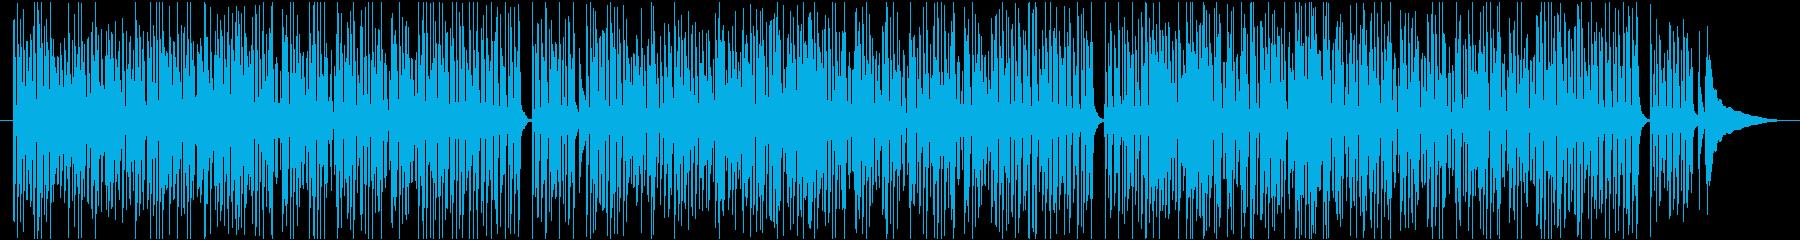 2本のナイロンギター 爽やかでおしゃれの再生済みの波形